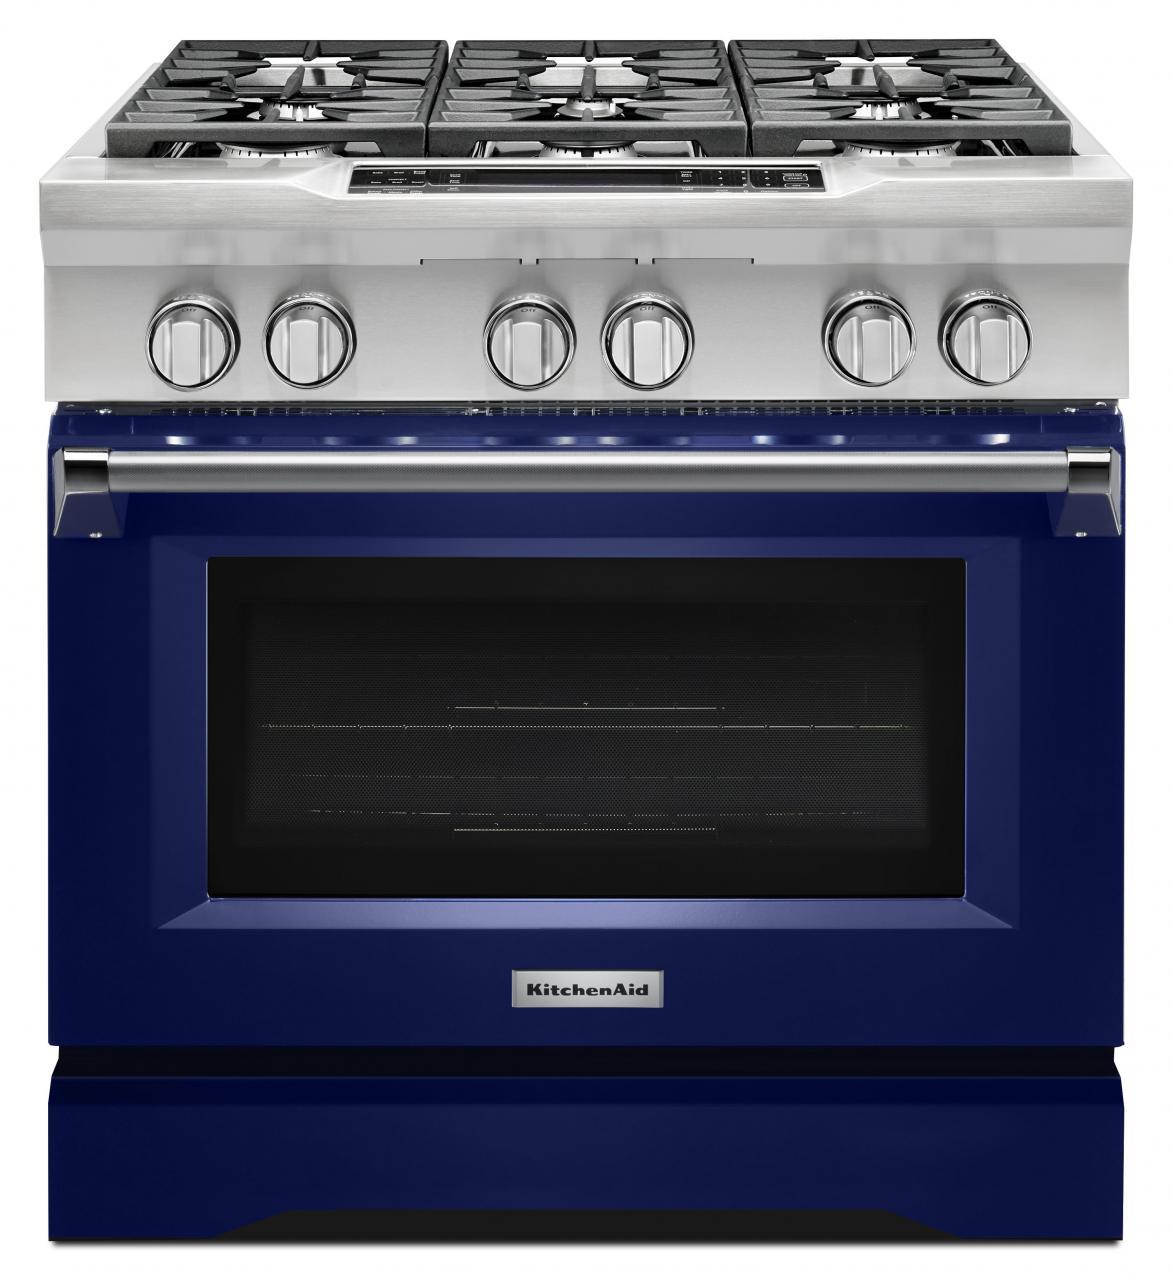 Kitchenaid Commercial Style 36 Pro Dual Fuel Range Cobalt Blue Kdrs467vbu